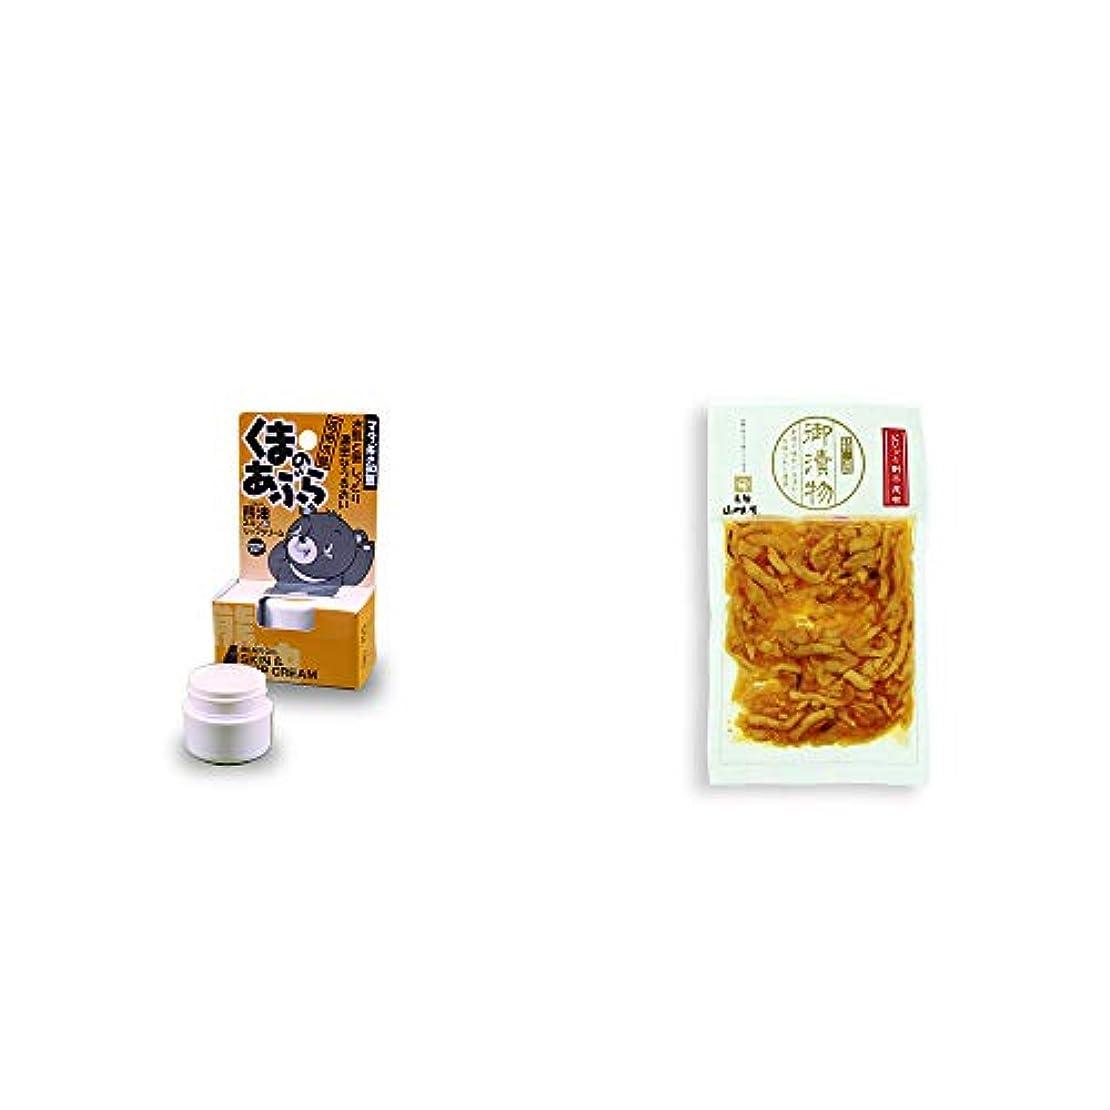 置くためにパック書くプロフェッショナル[2点セット] 信州木曽 くまのあぶら 熊油スキン&リップクリーム(9g)?飛騨山味屋 ピリッと割干し昆布(230g)